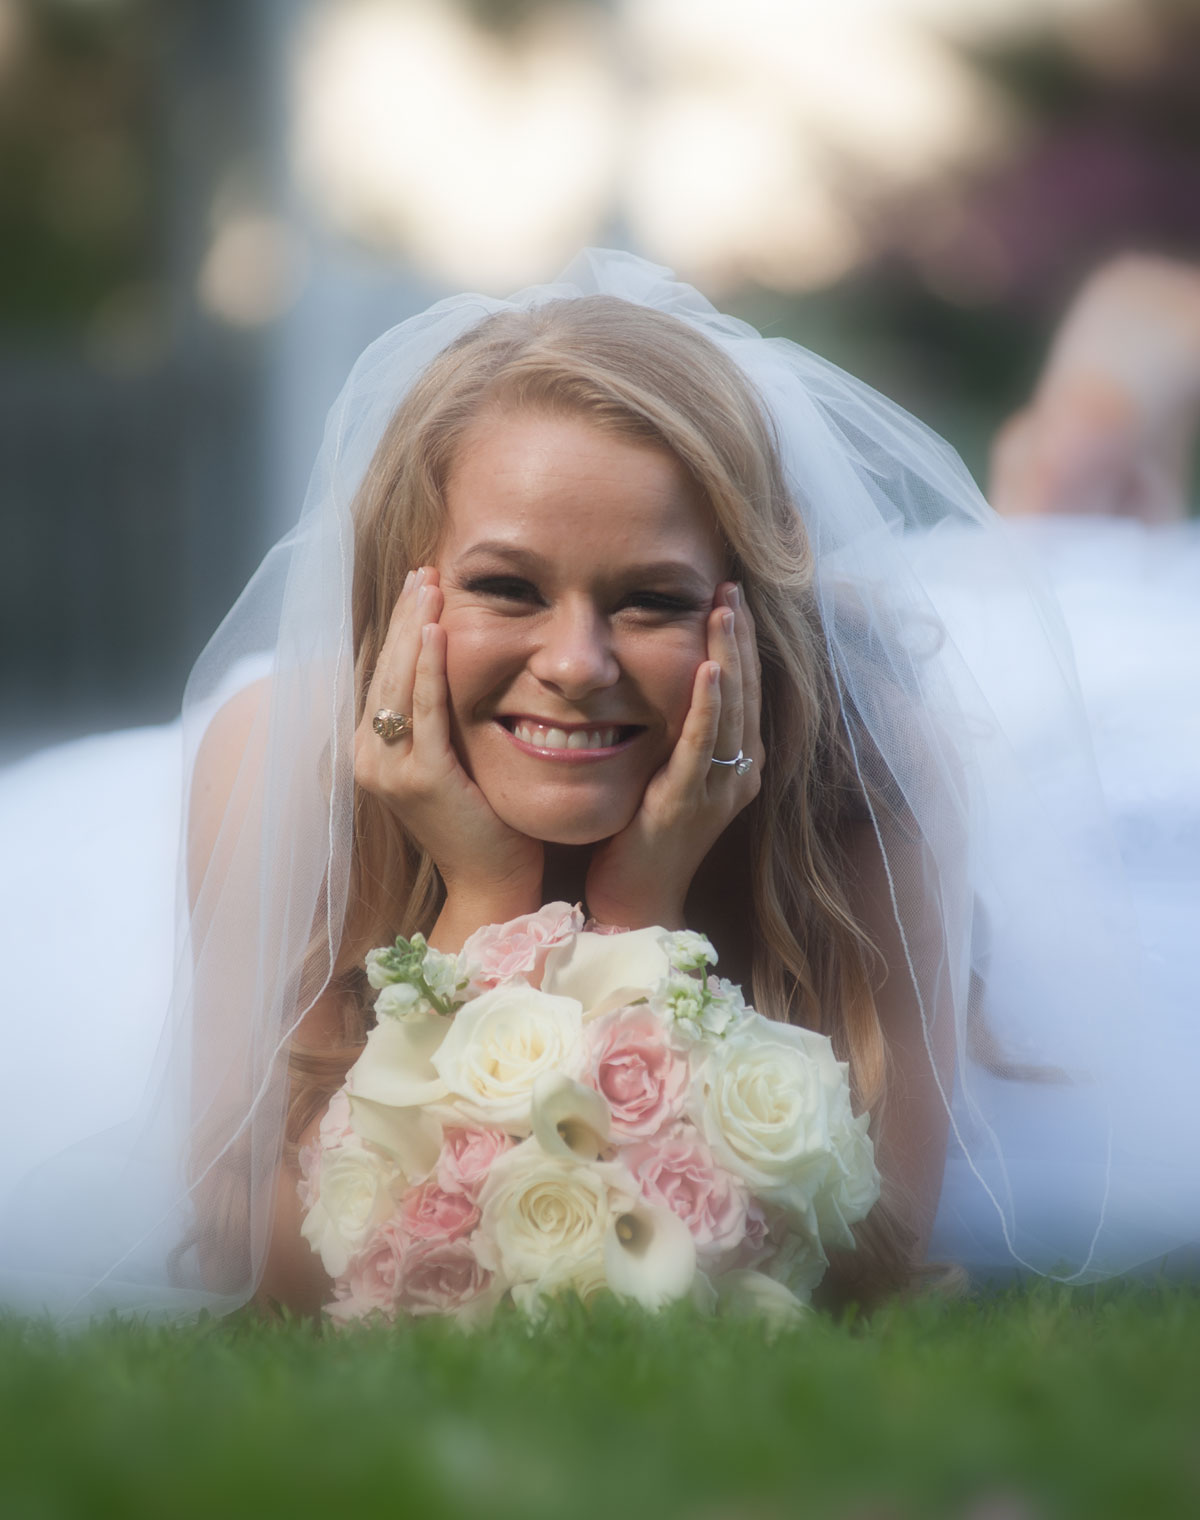 Elegant Bridal Wedding Photography